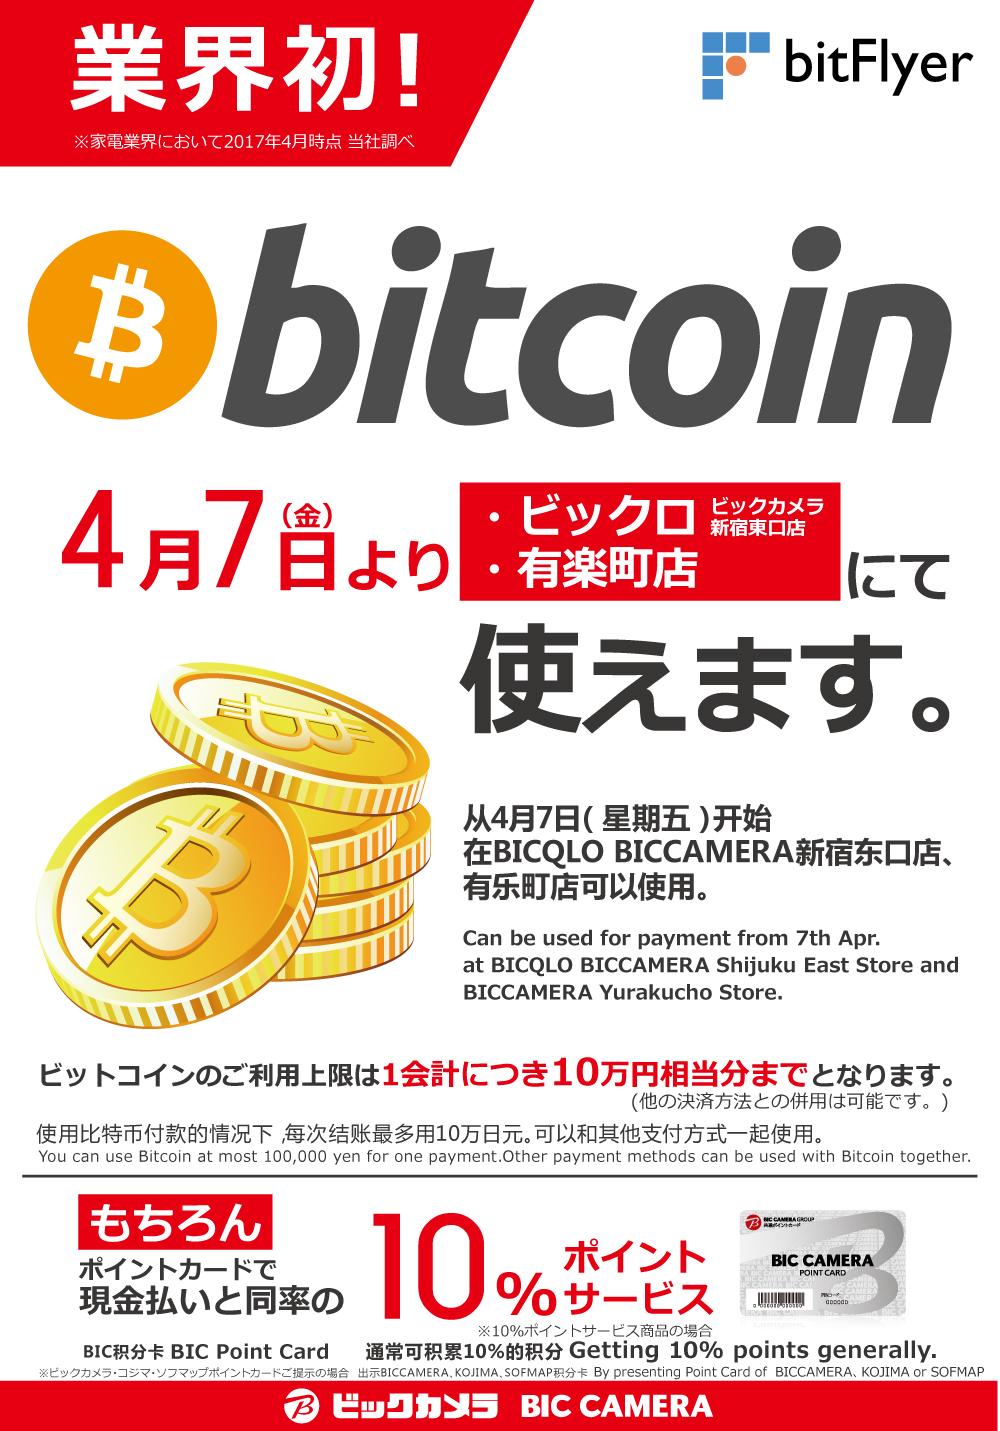 ビックカメラ新宿と有楽町店でビットコイン決済が可能へ。4/7~。1会計10万まで。先着200名にビットコインがもれなく貰える。